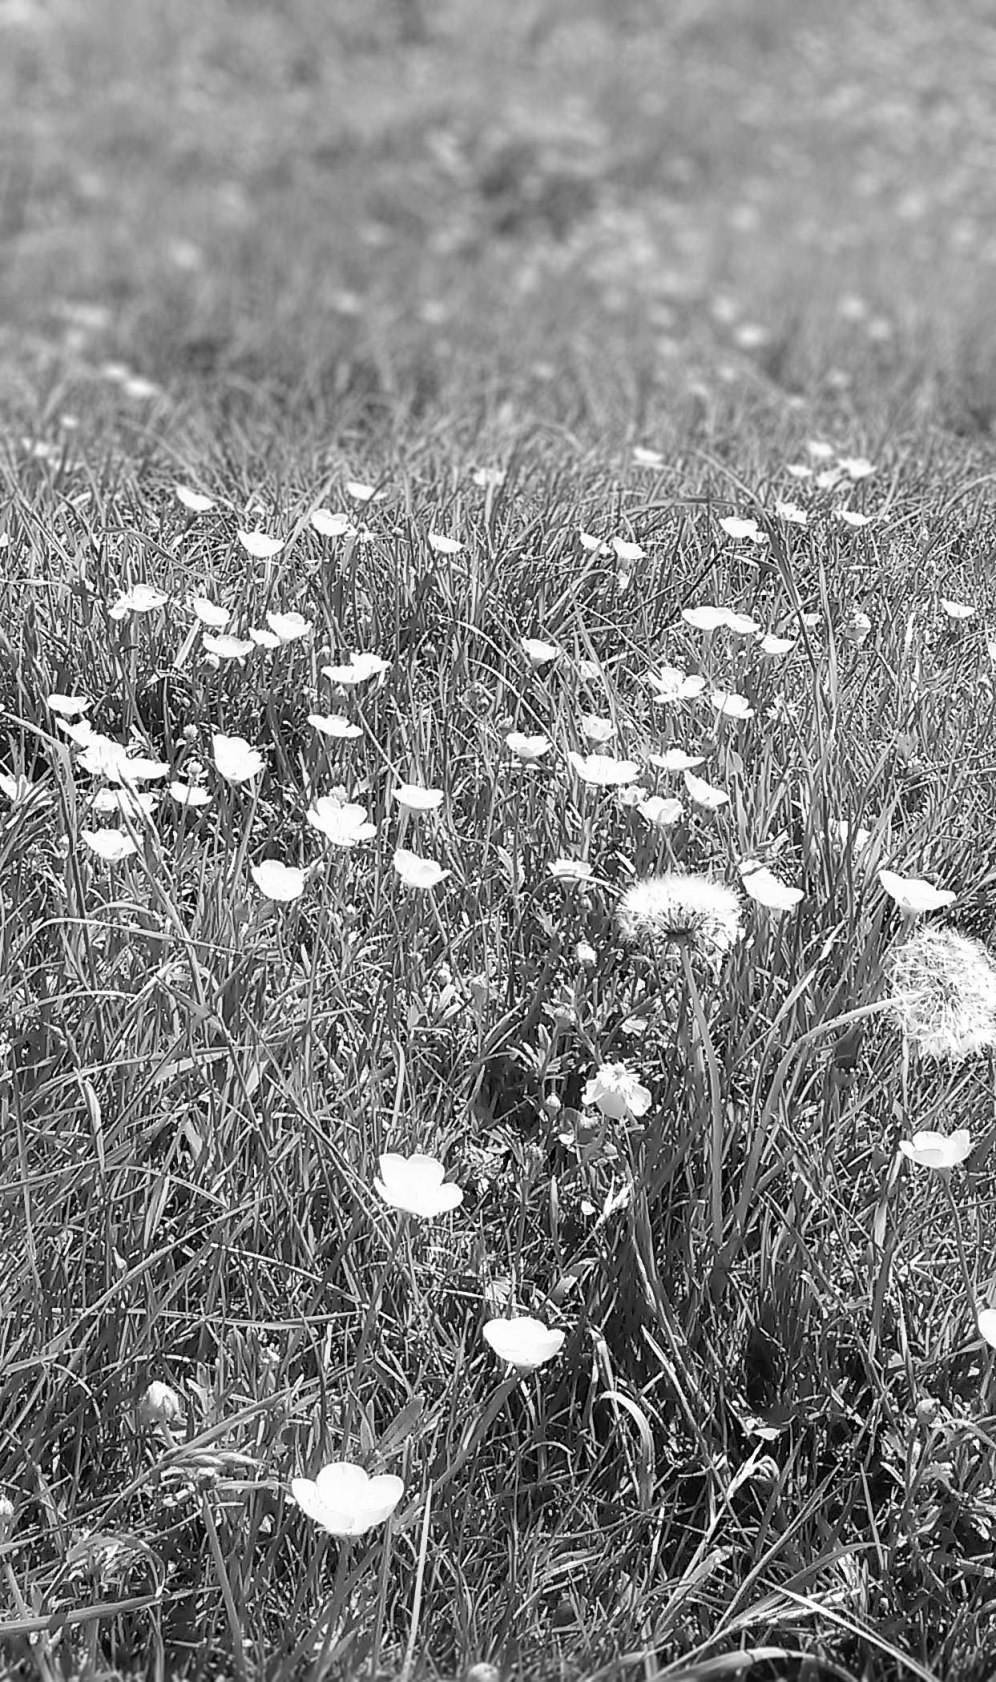 grassblur